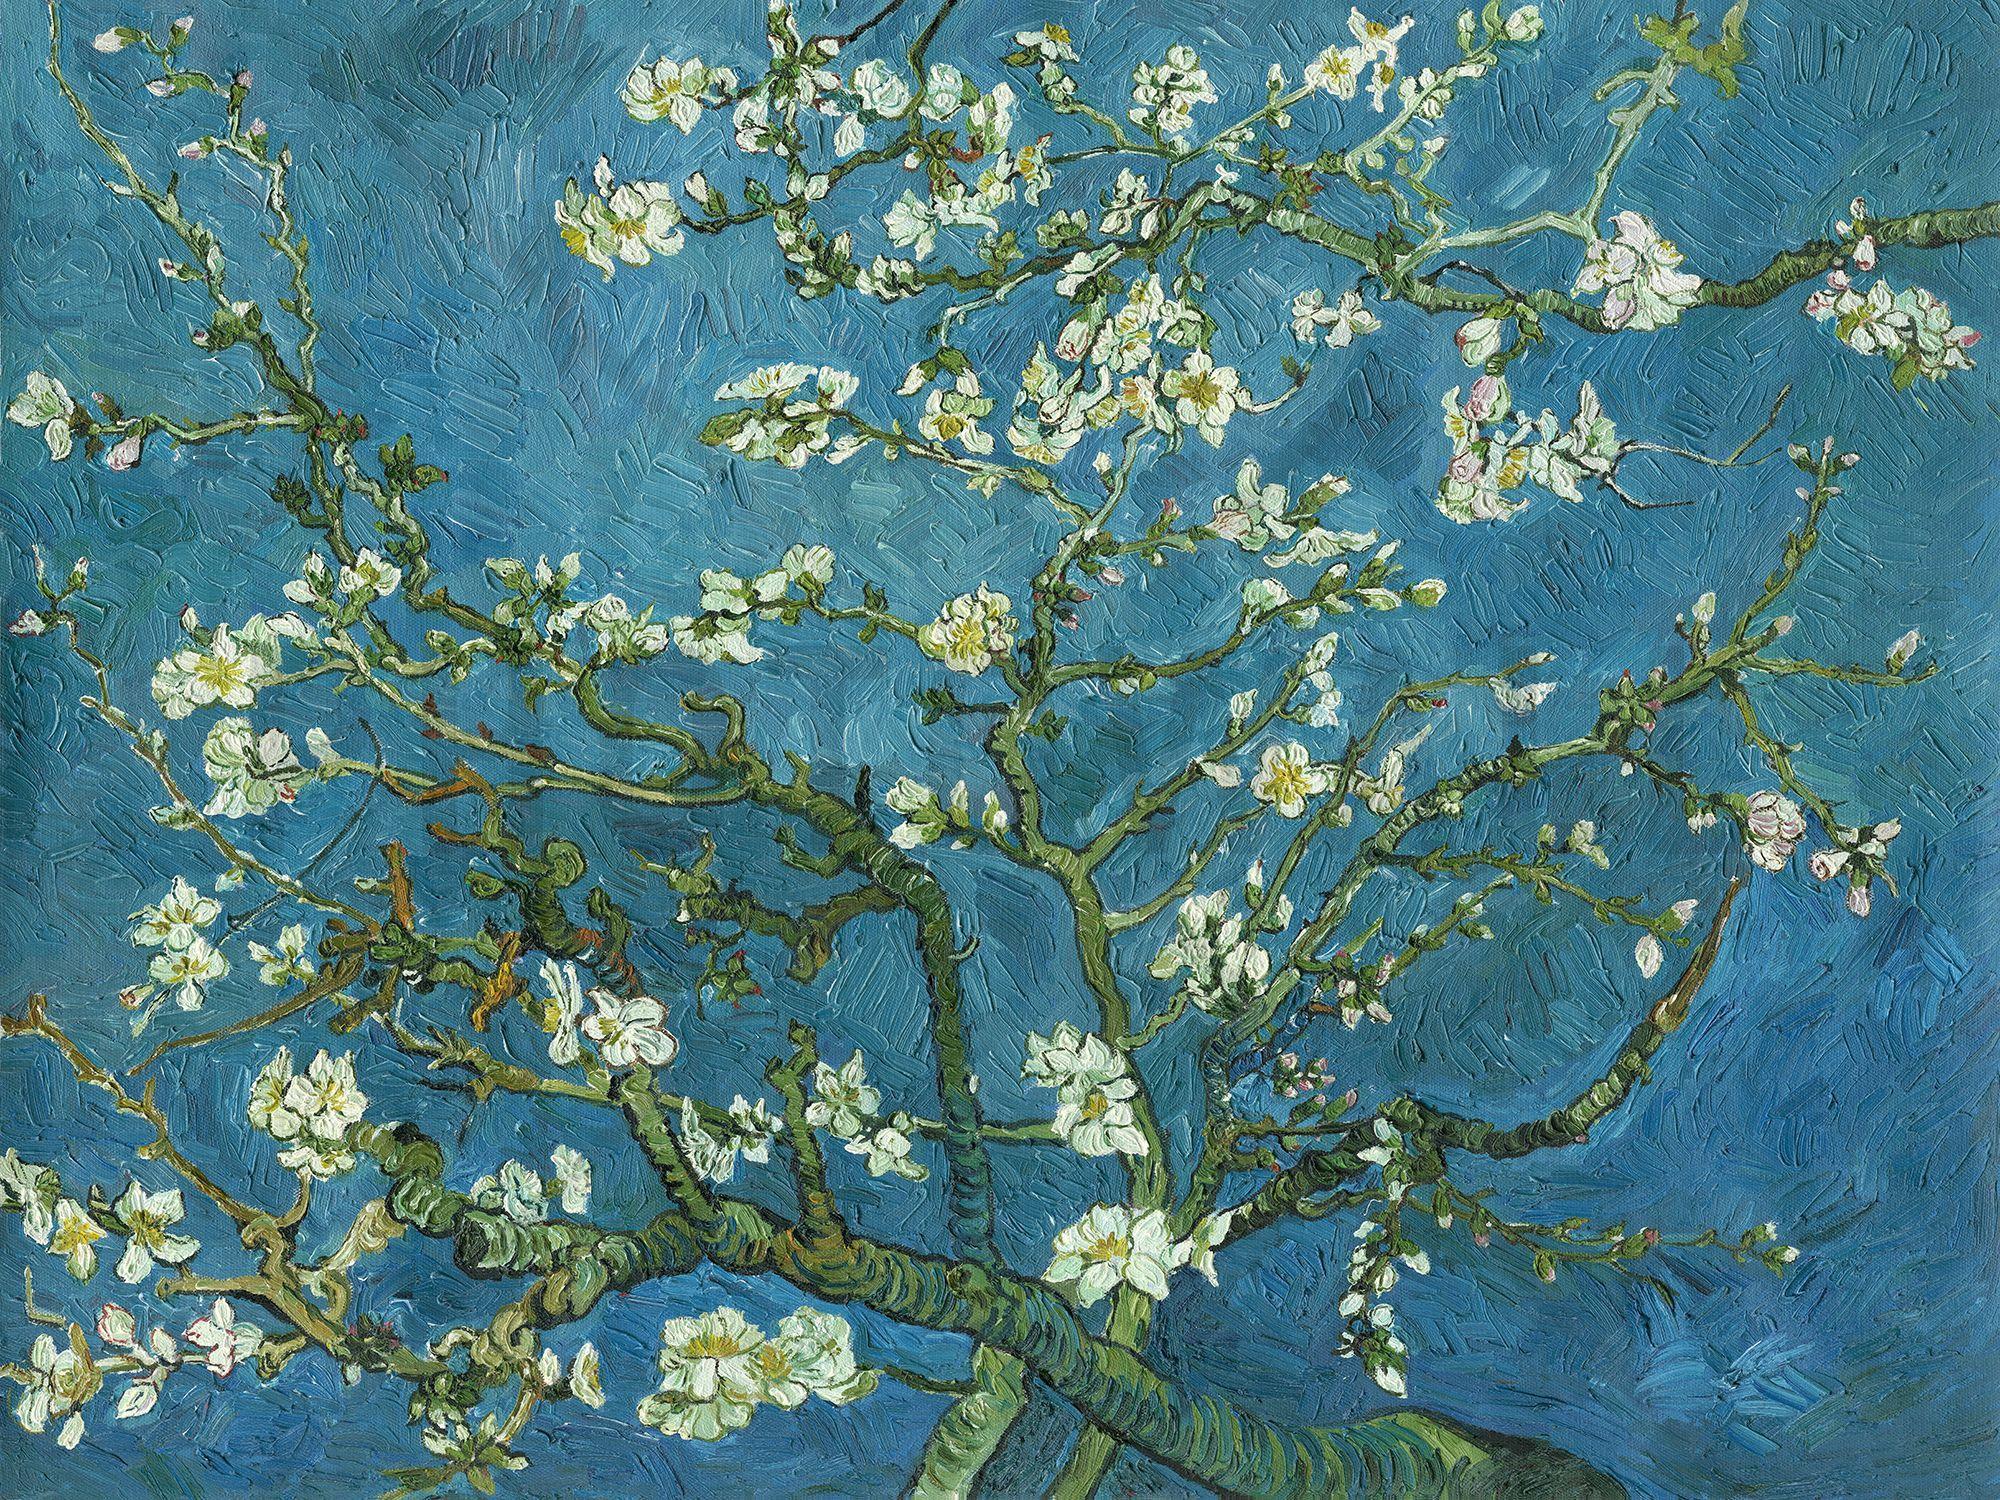 van gogh almond blossom fototapeten tapeten photowall wallpaper pinterest tapeten. Black Bedroom Furniture Sets. Home Design Ideas